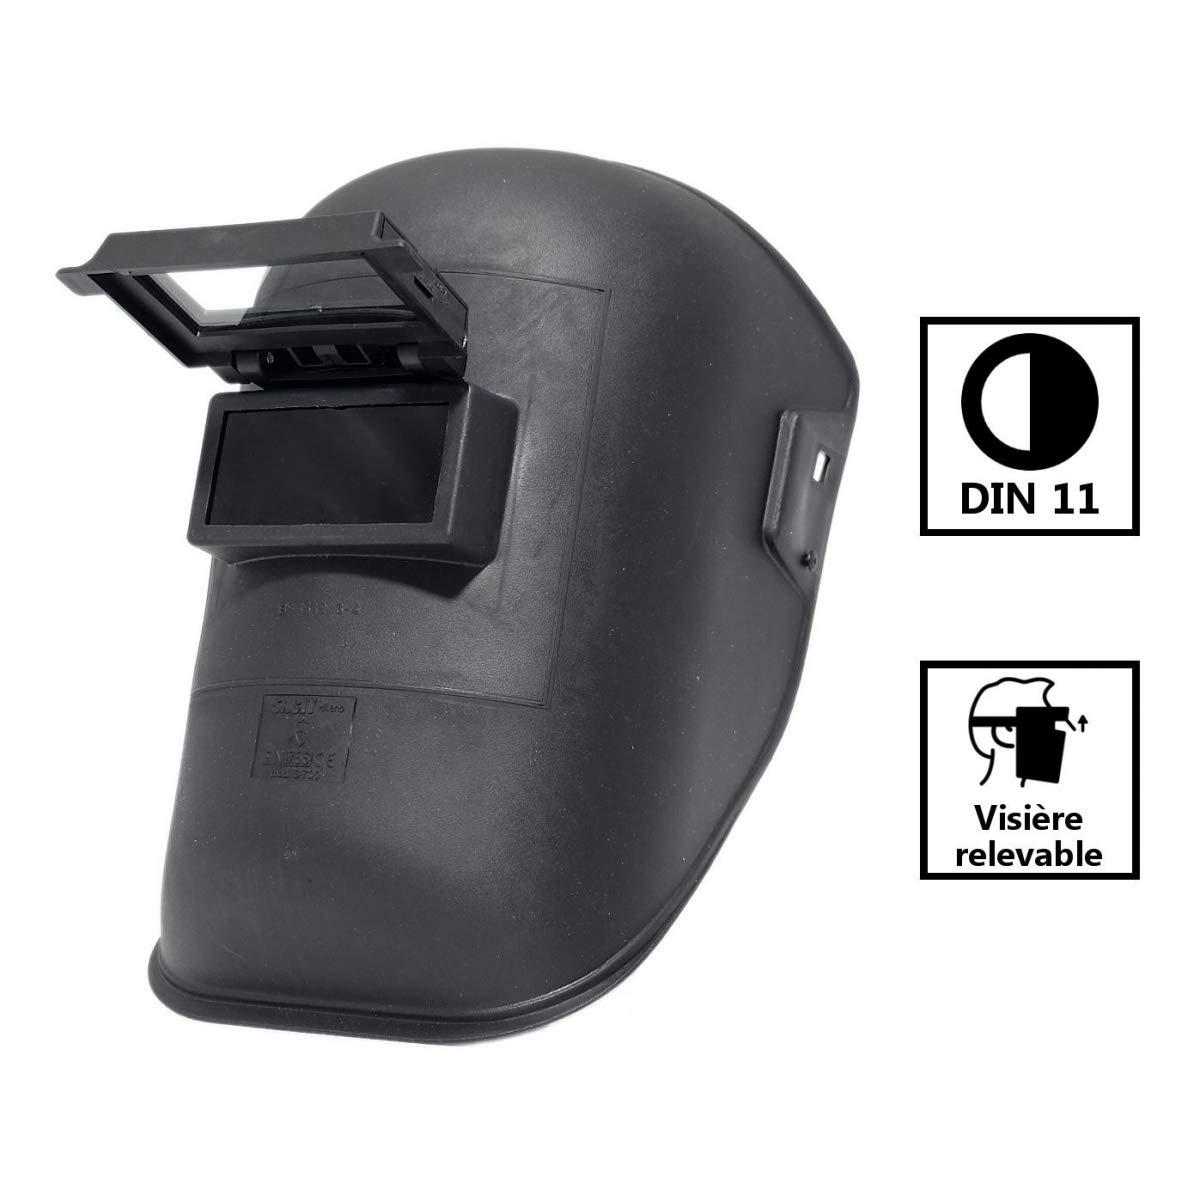 Pasamontañas de soldadura s700r - Máscara de soldadura con visera elevable - Cristal 50 x 105 - tono DIN 11: Amazon.es: Iluminación